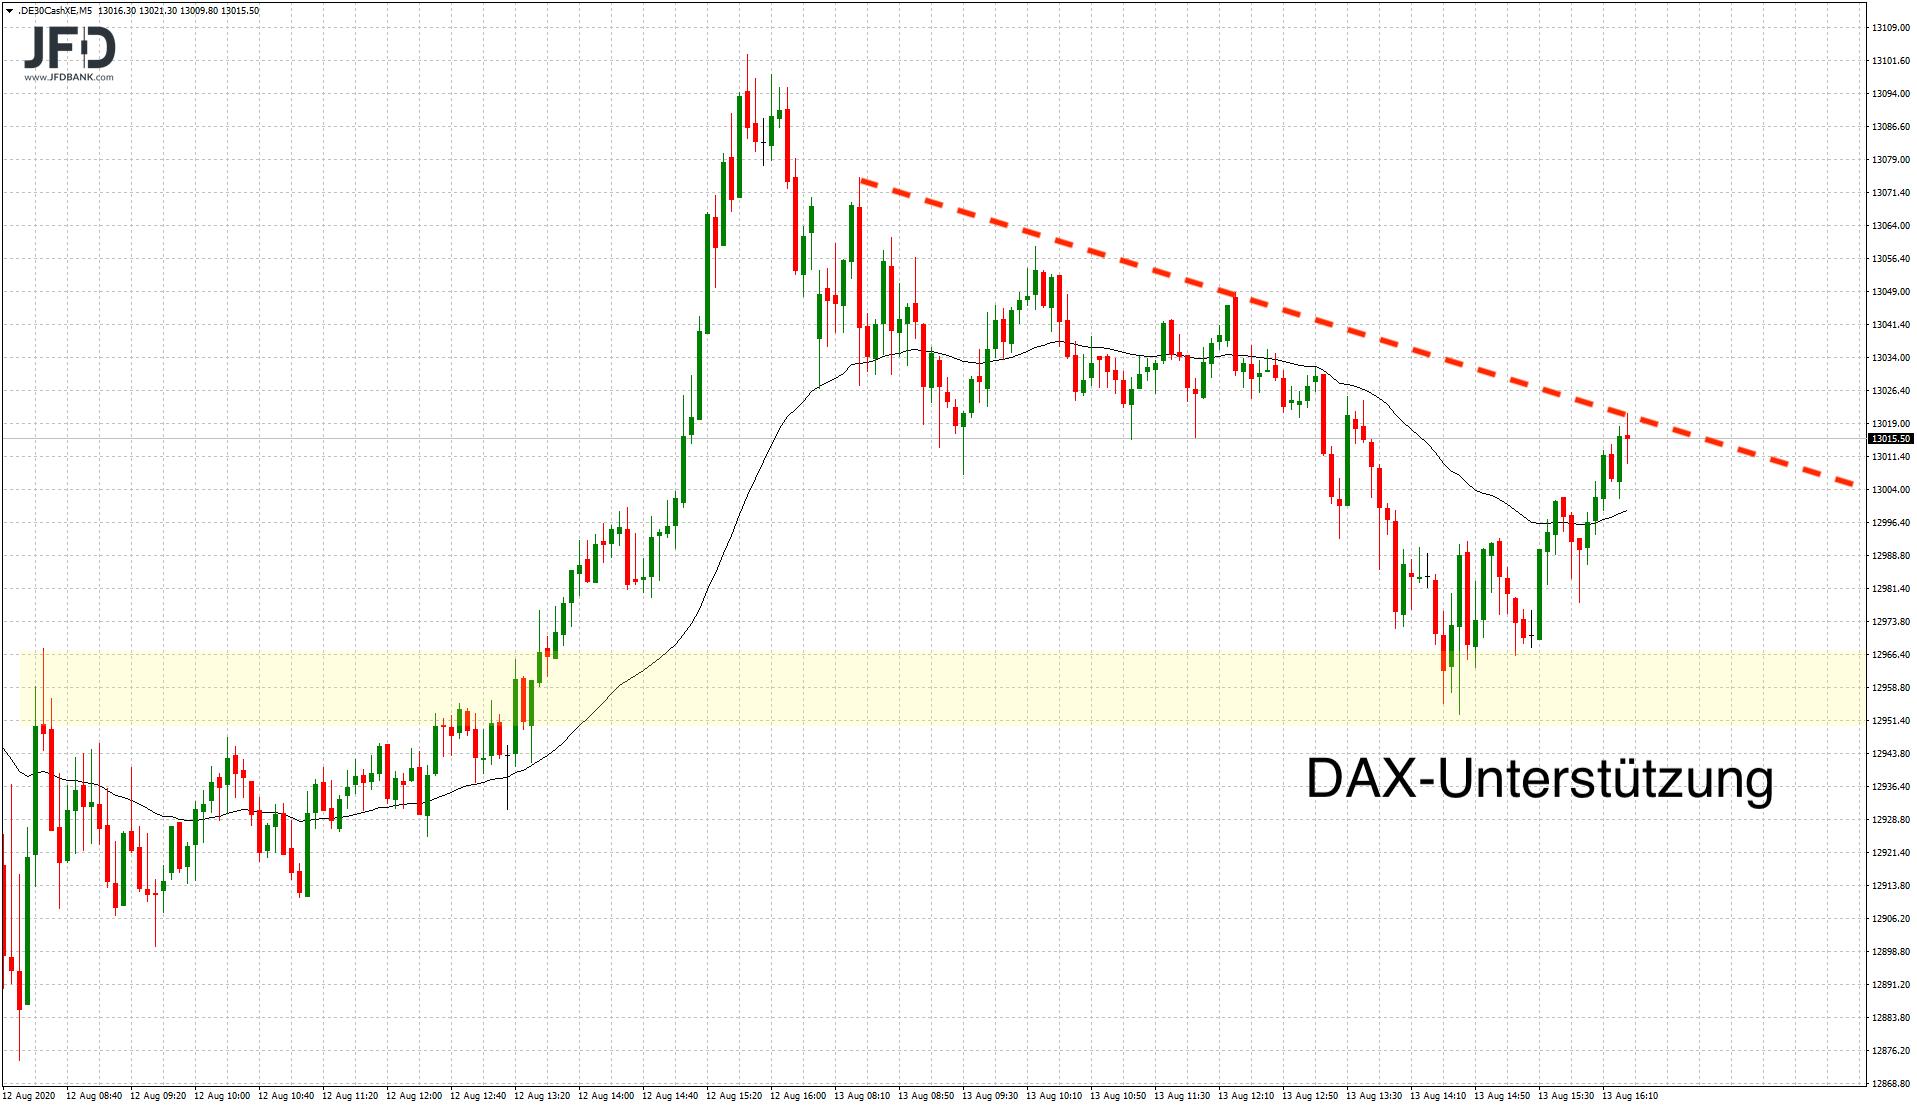 DAX-Handel-im-Fokus-der-13-000-Kommentar-JFD-Bank-GodmodeTrader.de-4